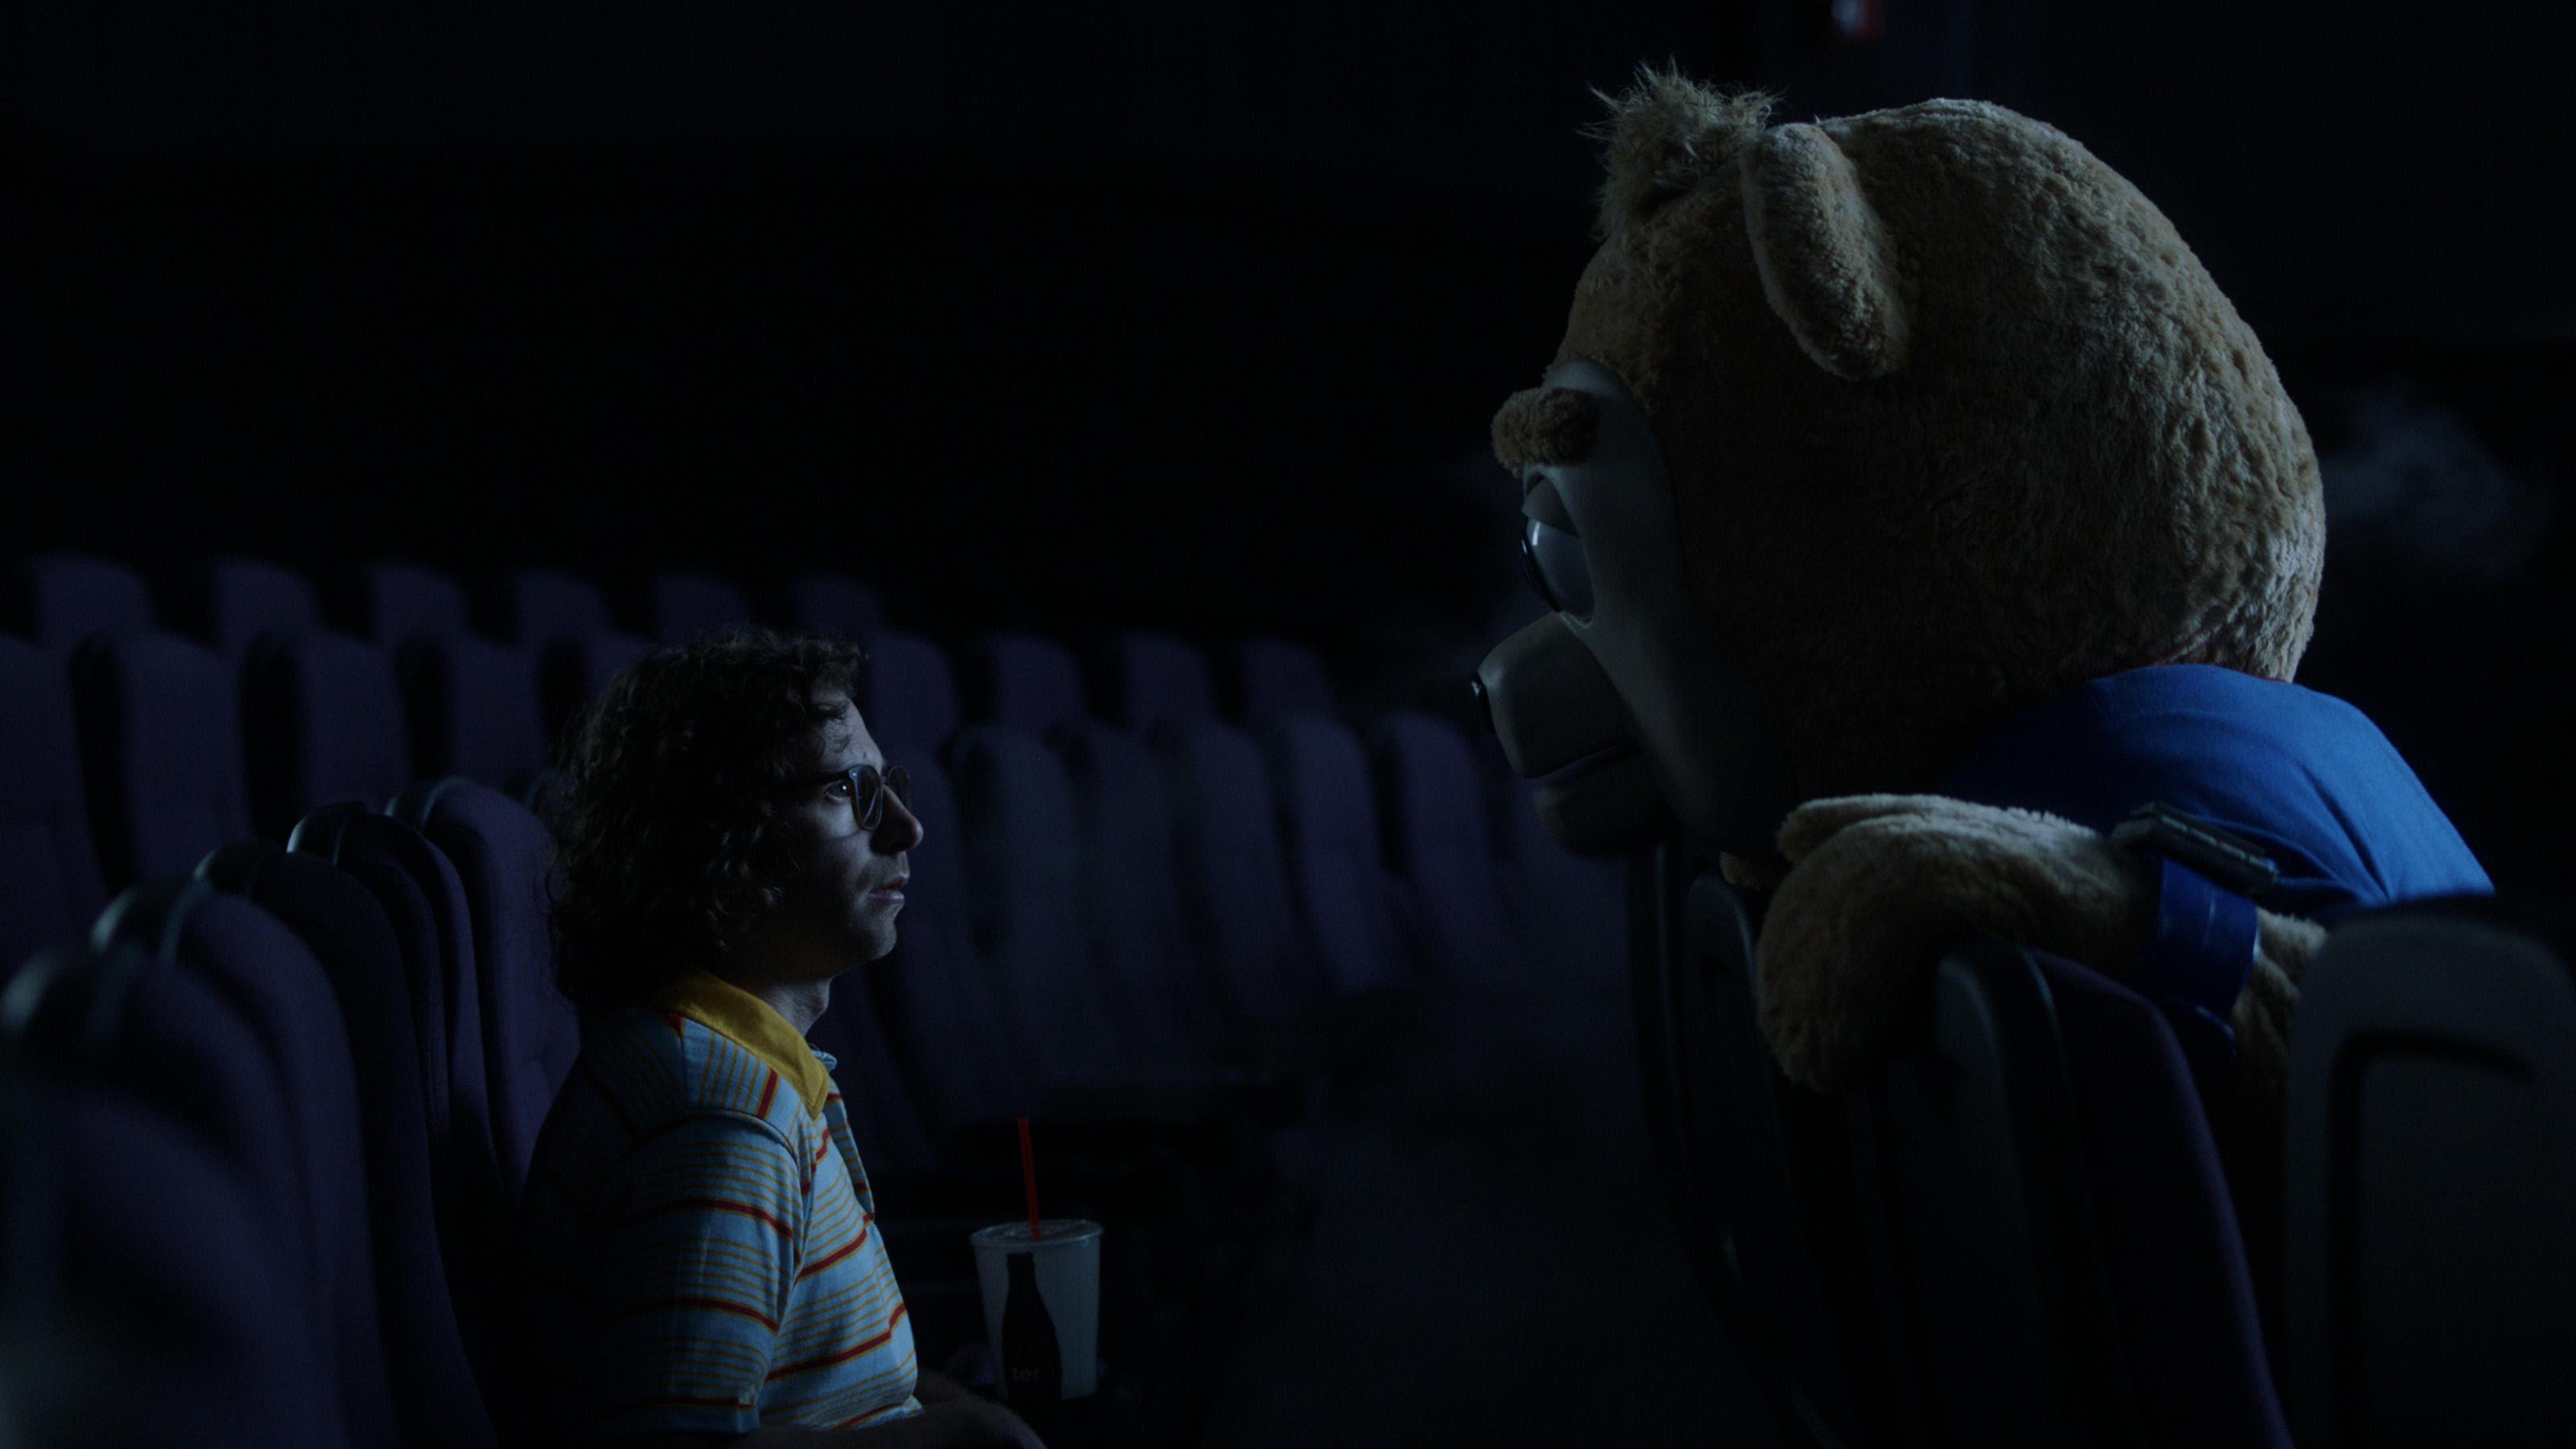 brigsby-bear-kyle-mooney-1.jpg